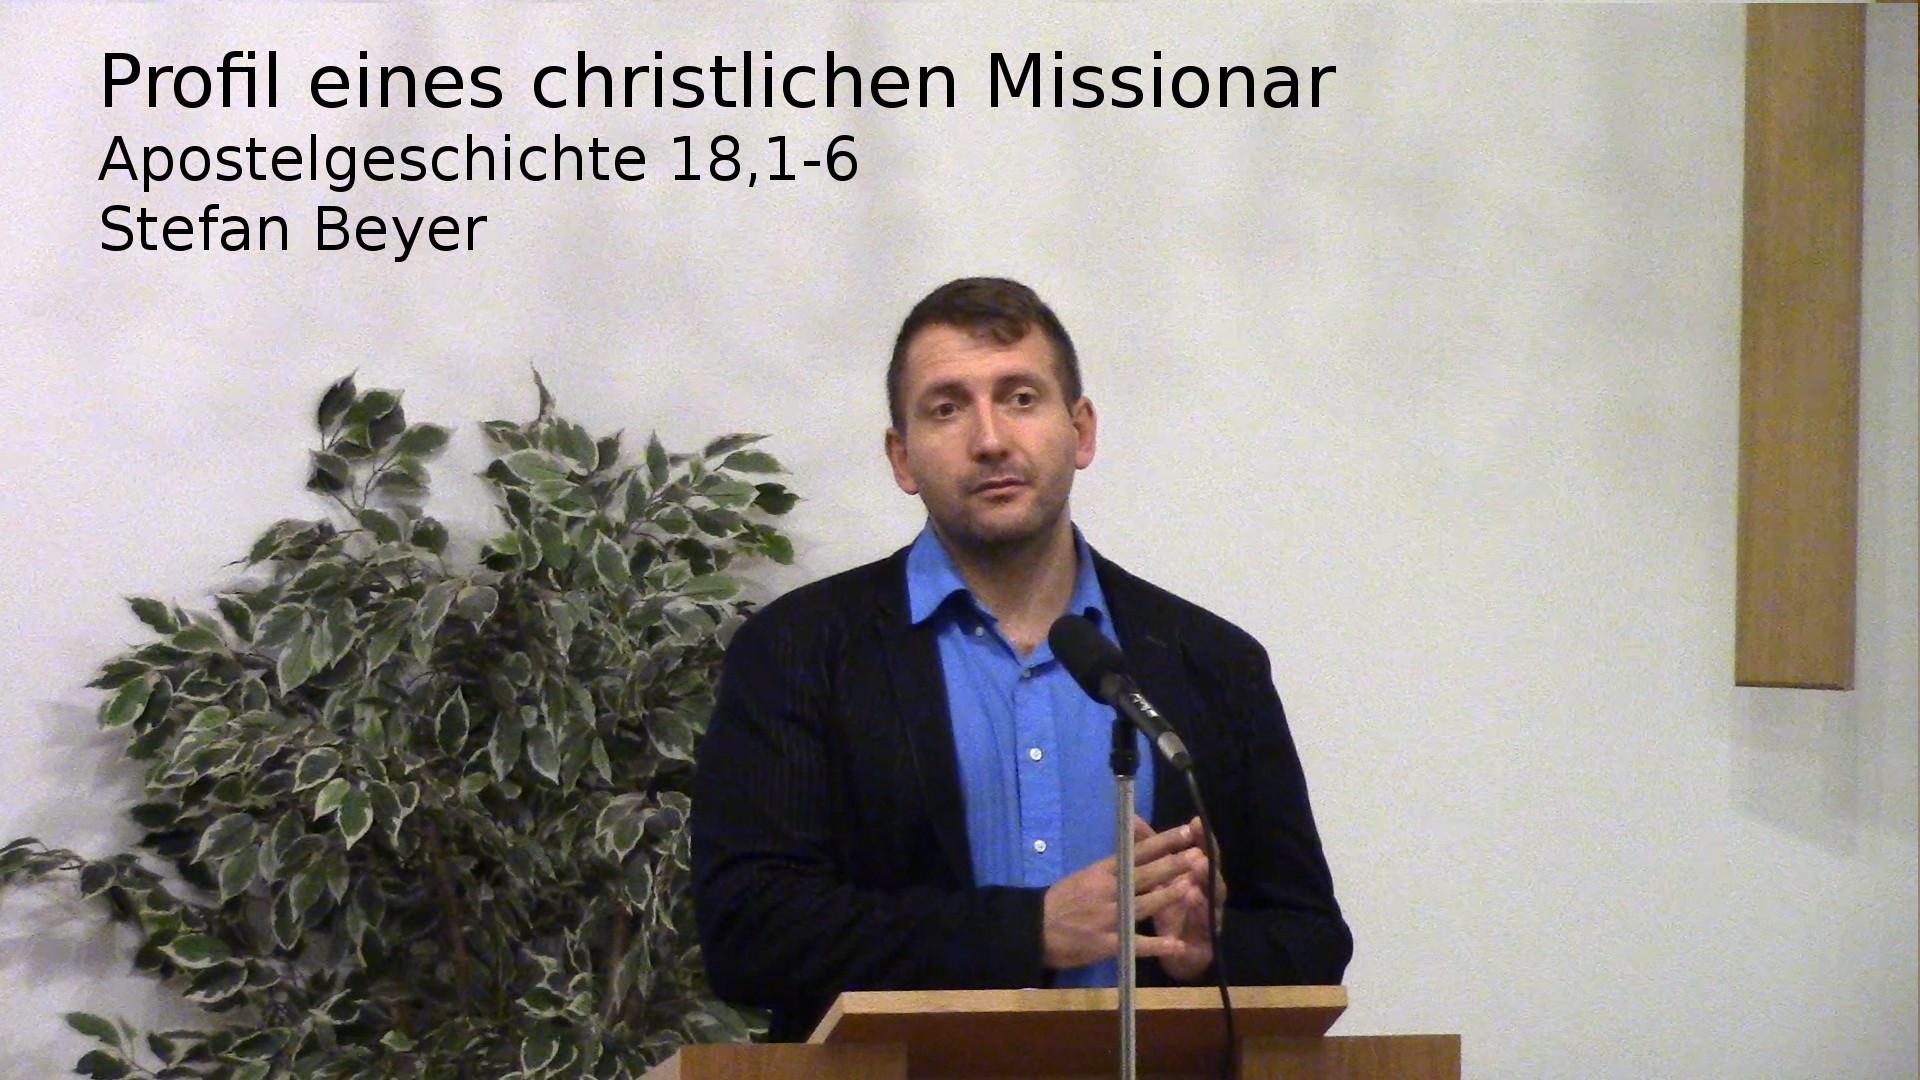 Apostelgeschichte 18:1-6 – Profil eines christlichen Missionars